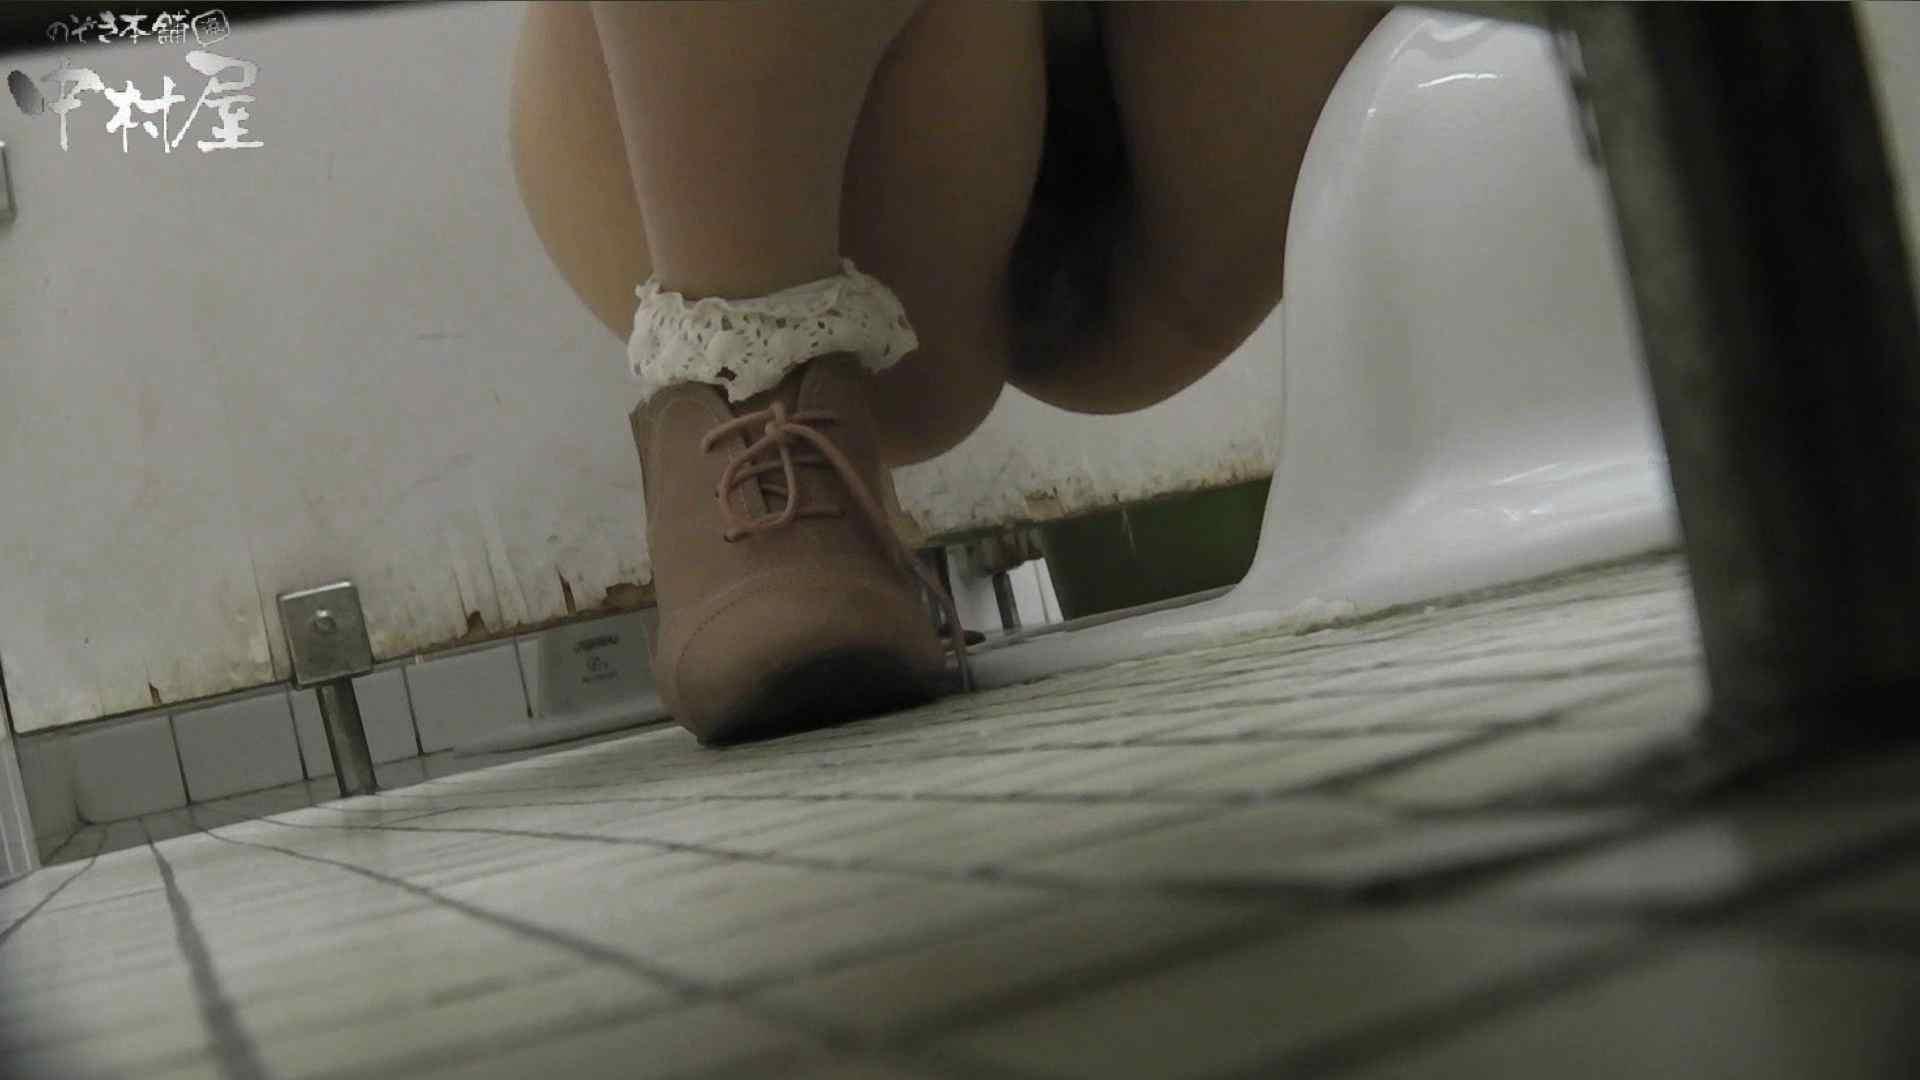 vol.03 命がけ潜伏洗面所! おねぃさんの日常 プライベート 盗撮AV動画キャプチャ 59画像 7